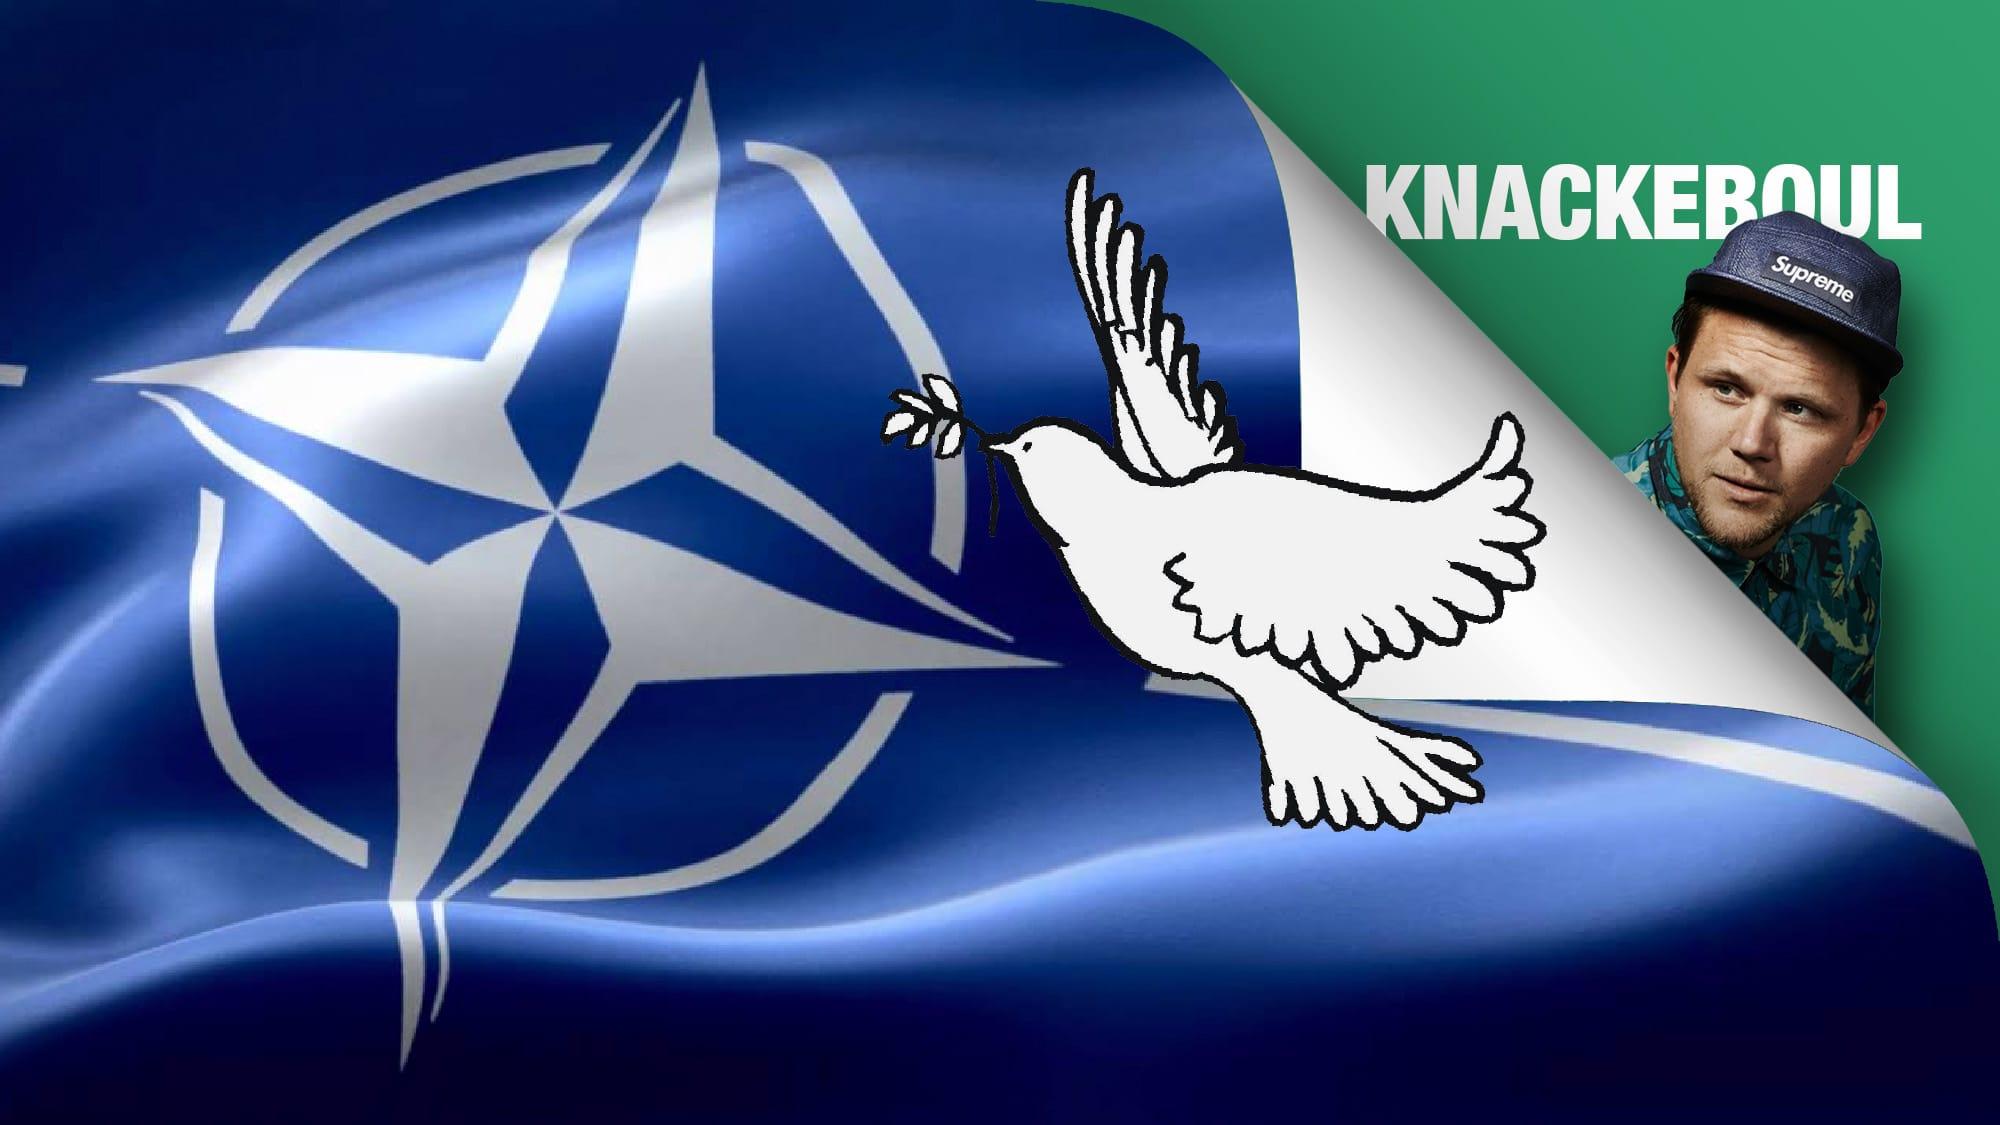 Die Welt ist besserer Ort als früher. Damit das so bleibt, braucht es einen Weltpolizisten, findet Knackeboul.